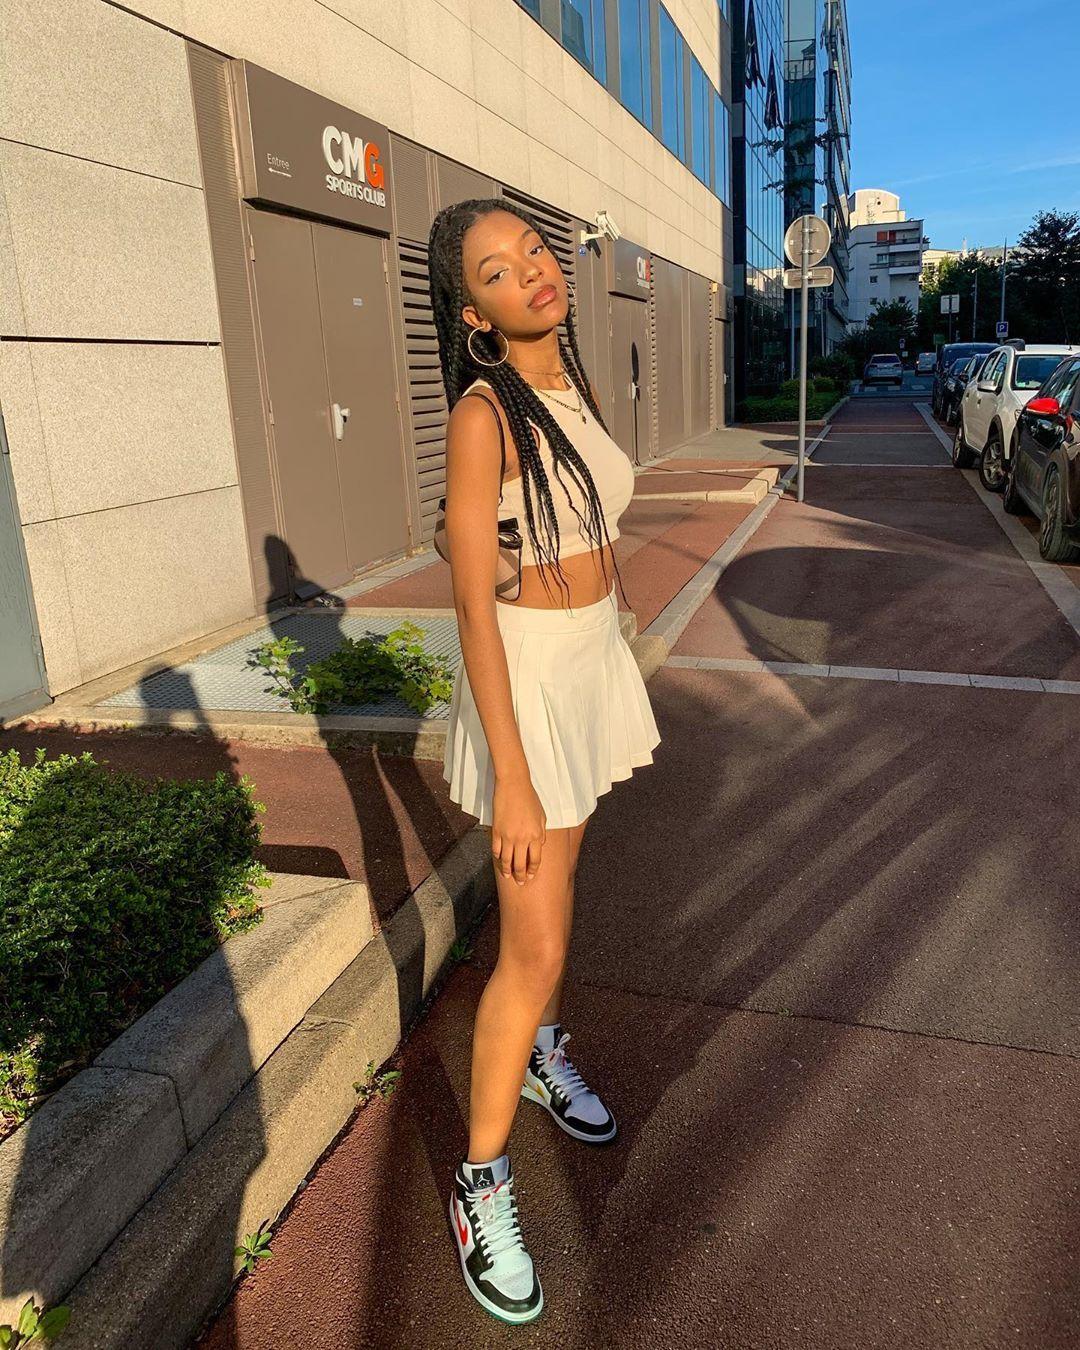 Falda de tenis, tendencia verano 2020